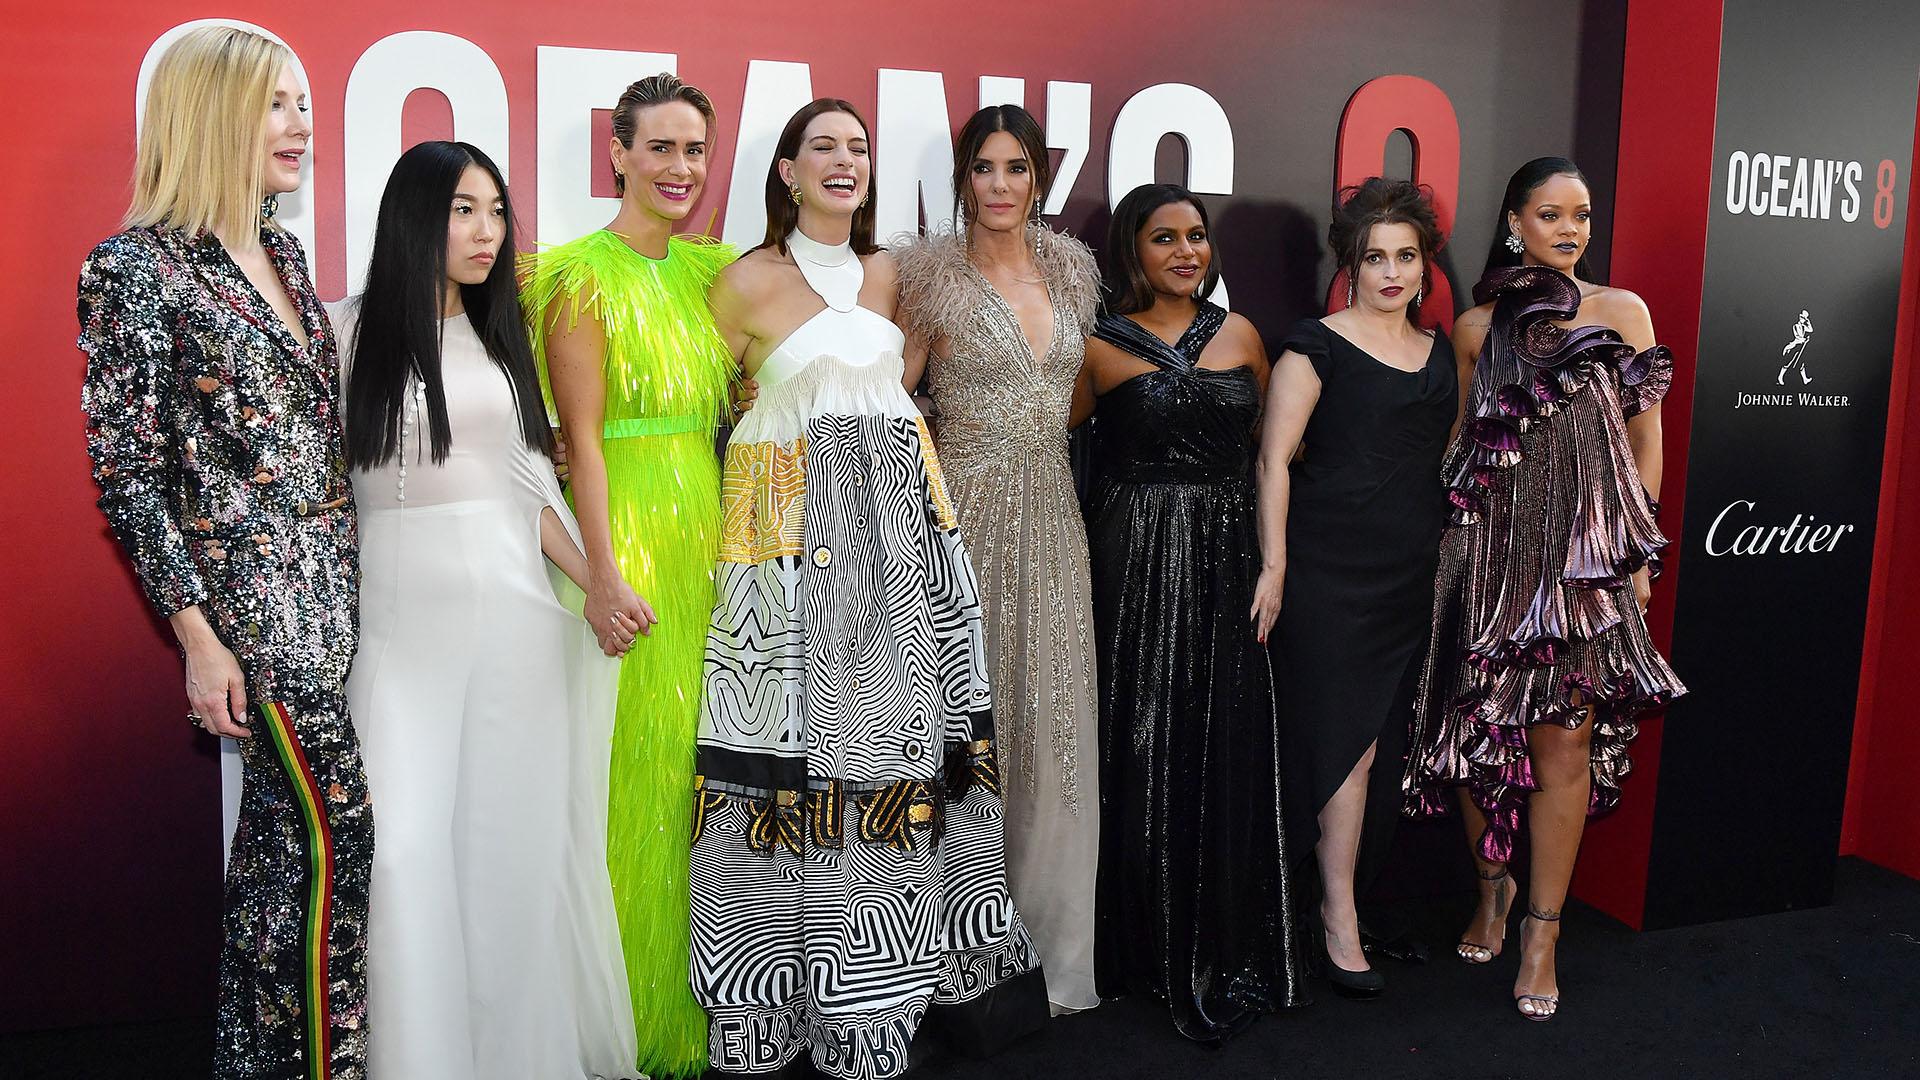 Las mujeres más elegantes en la premiere mundial de Ocean's 8 en Nueva York /// Fotos: AFP